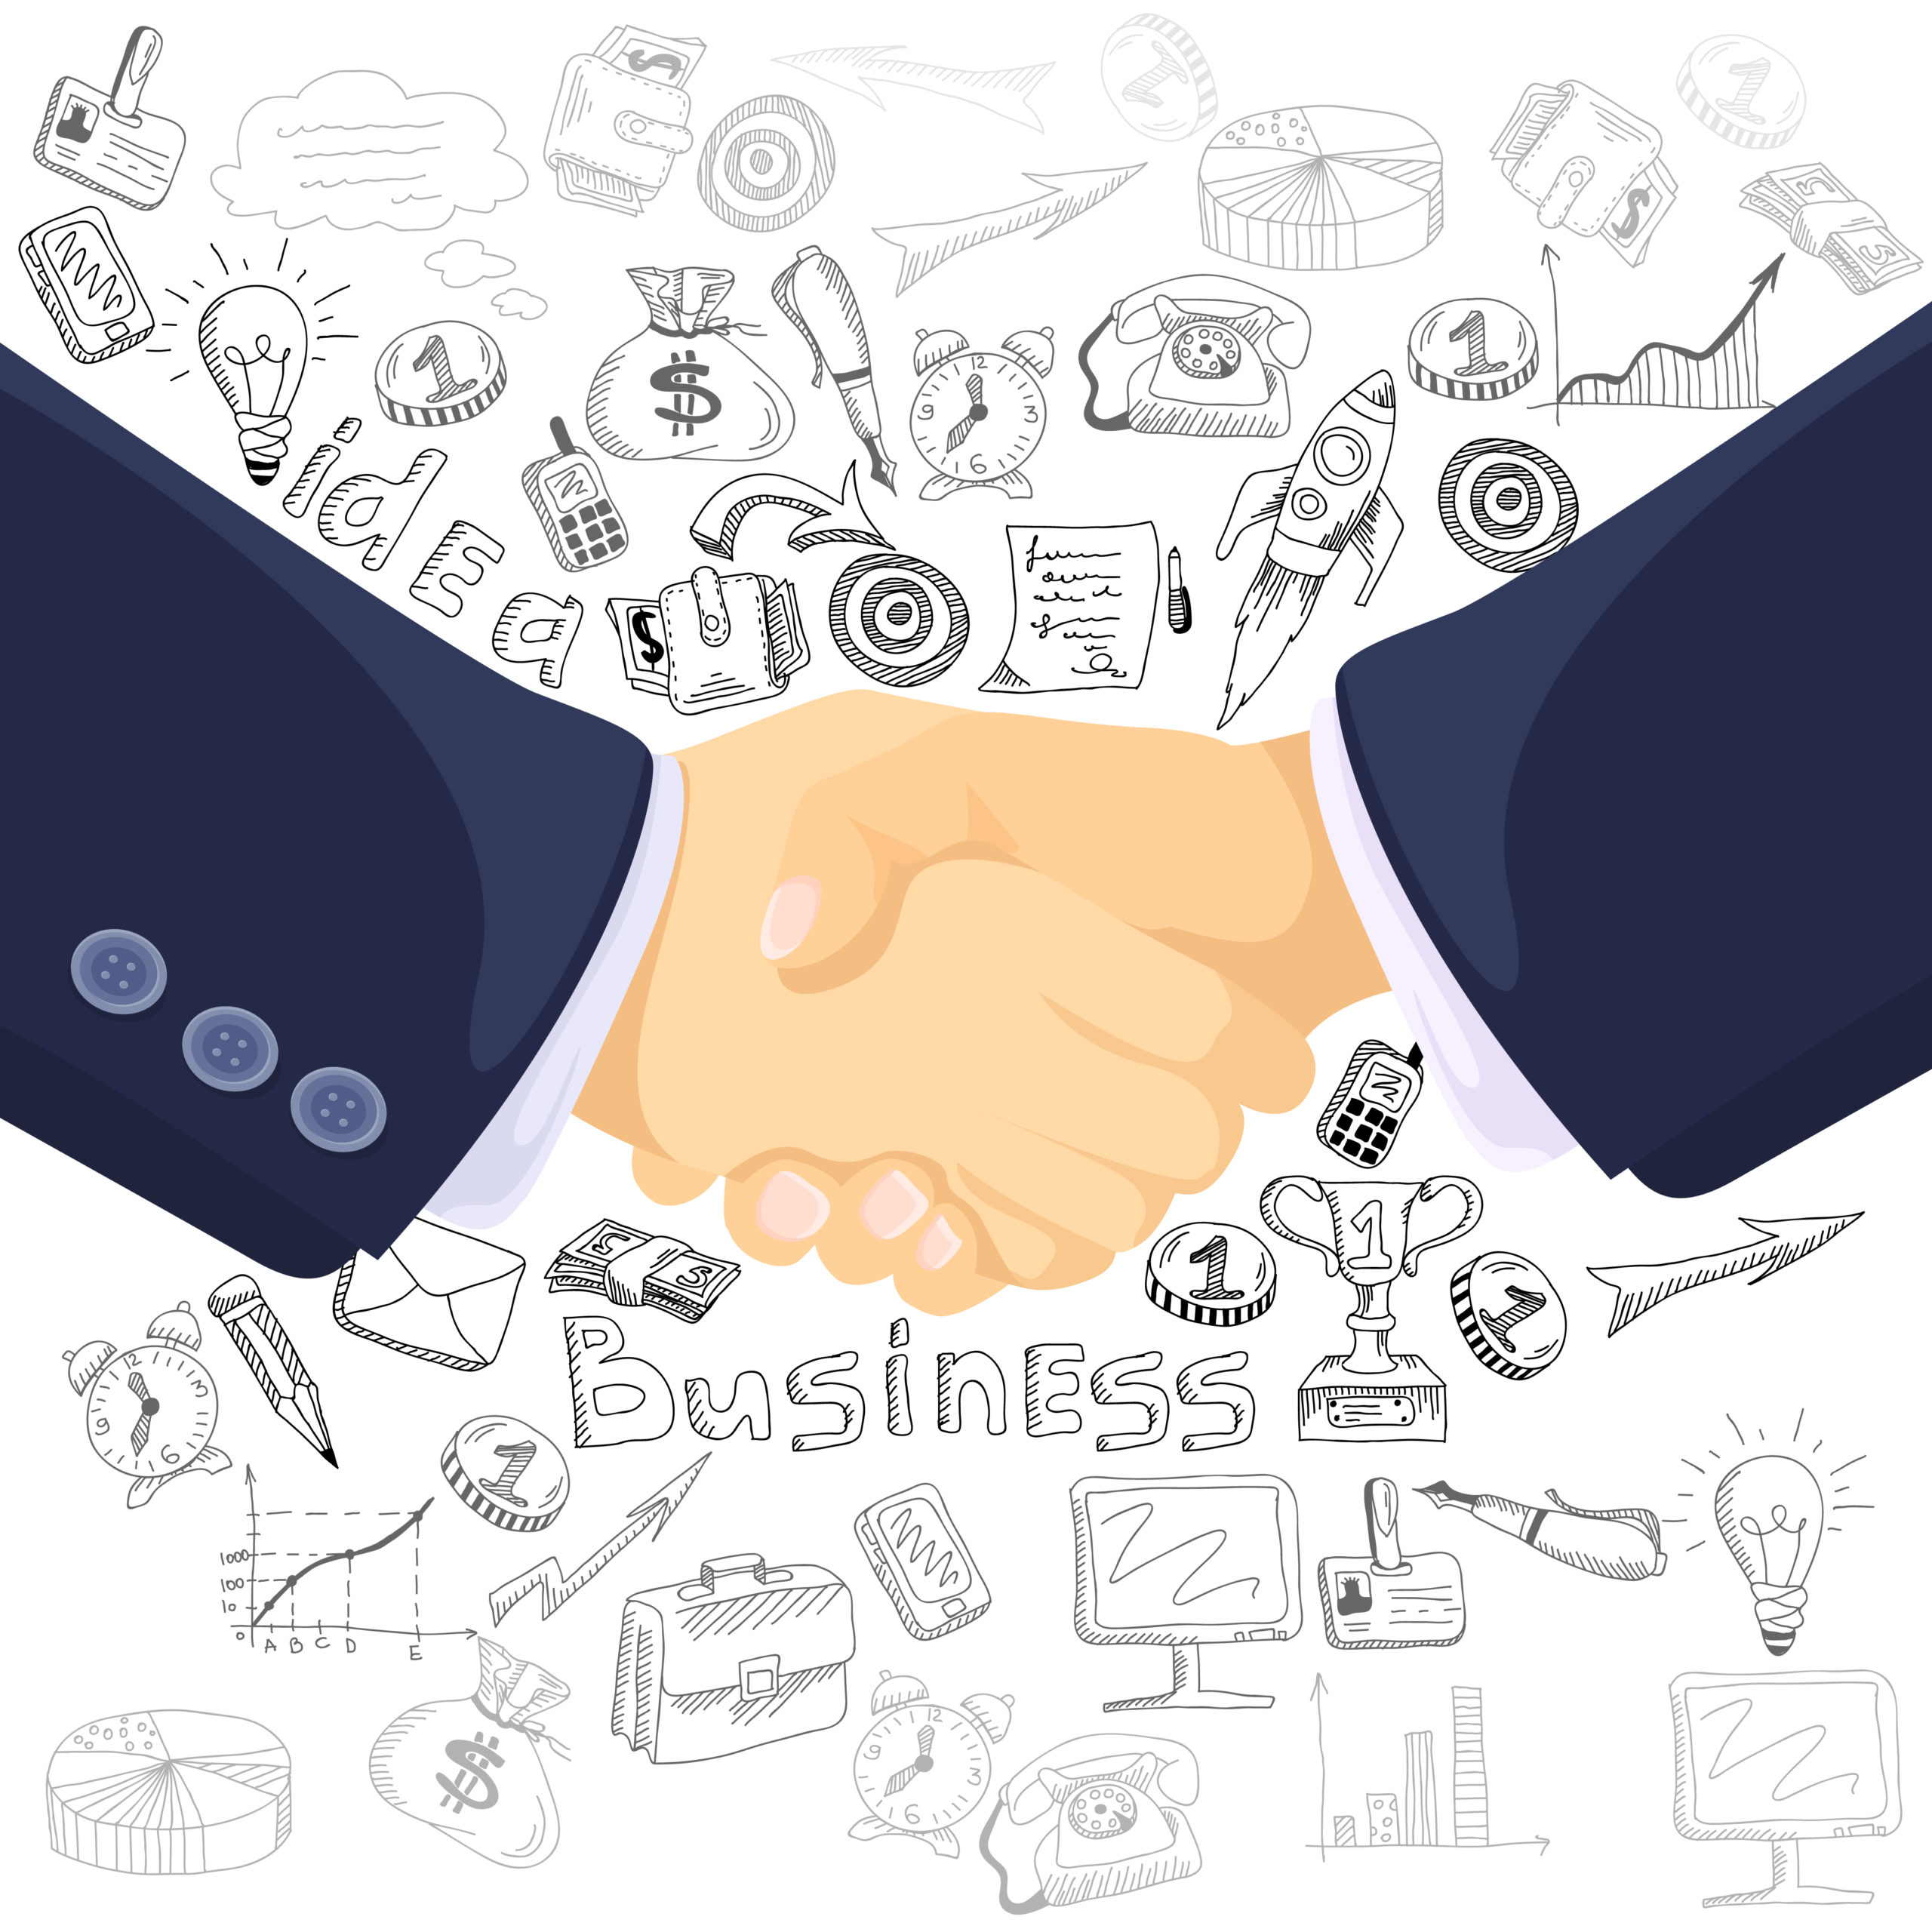 Góp vốn kinh doanh - 7 Nguyên tắc quan trọng cần biết